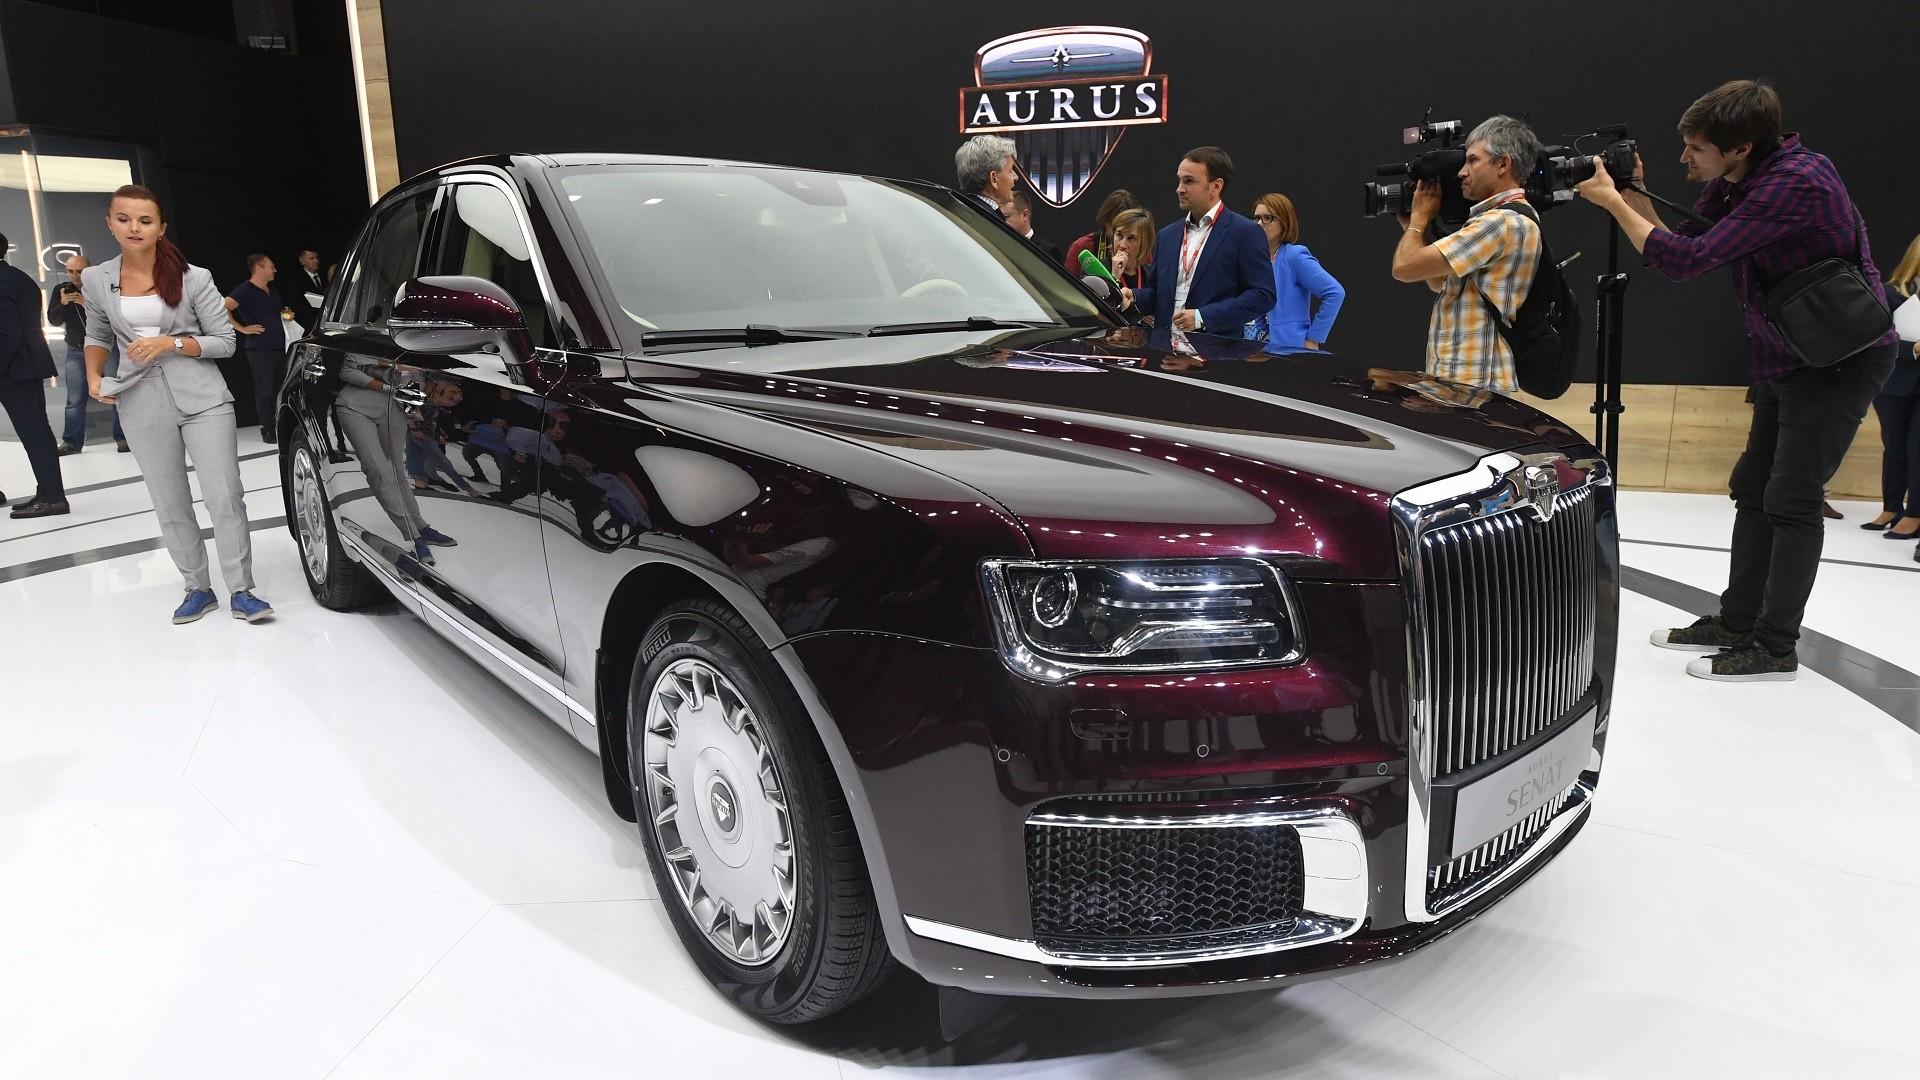 Présentation mondiale de la berline Aurus Senat au salon automobile international de Moscou, en 2018